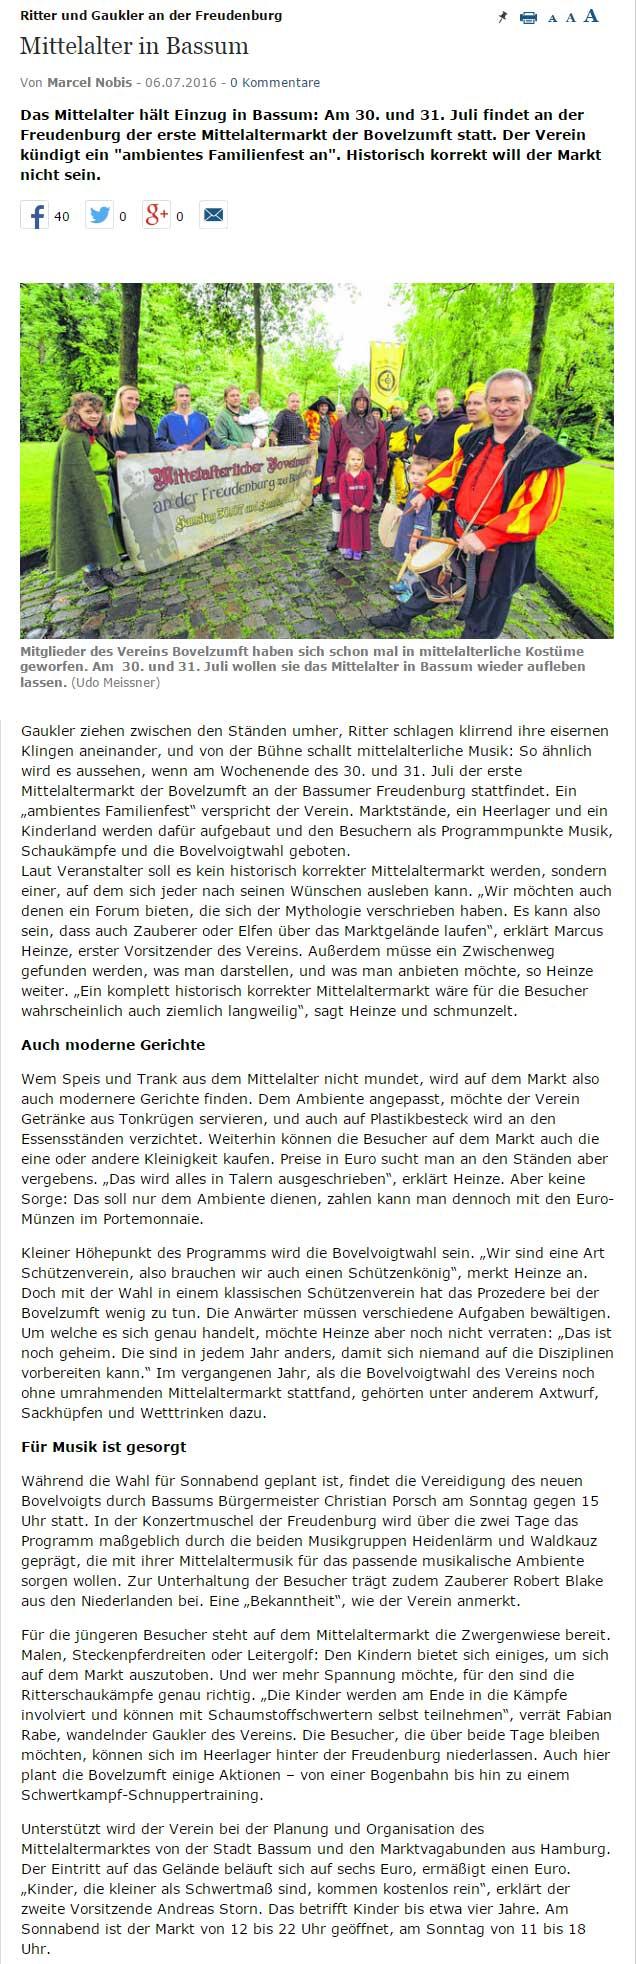 2016.07.06_Weser-Kurier